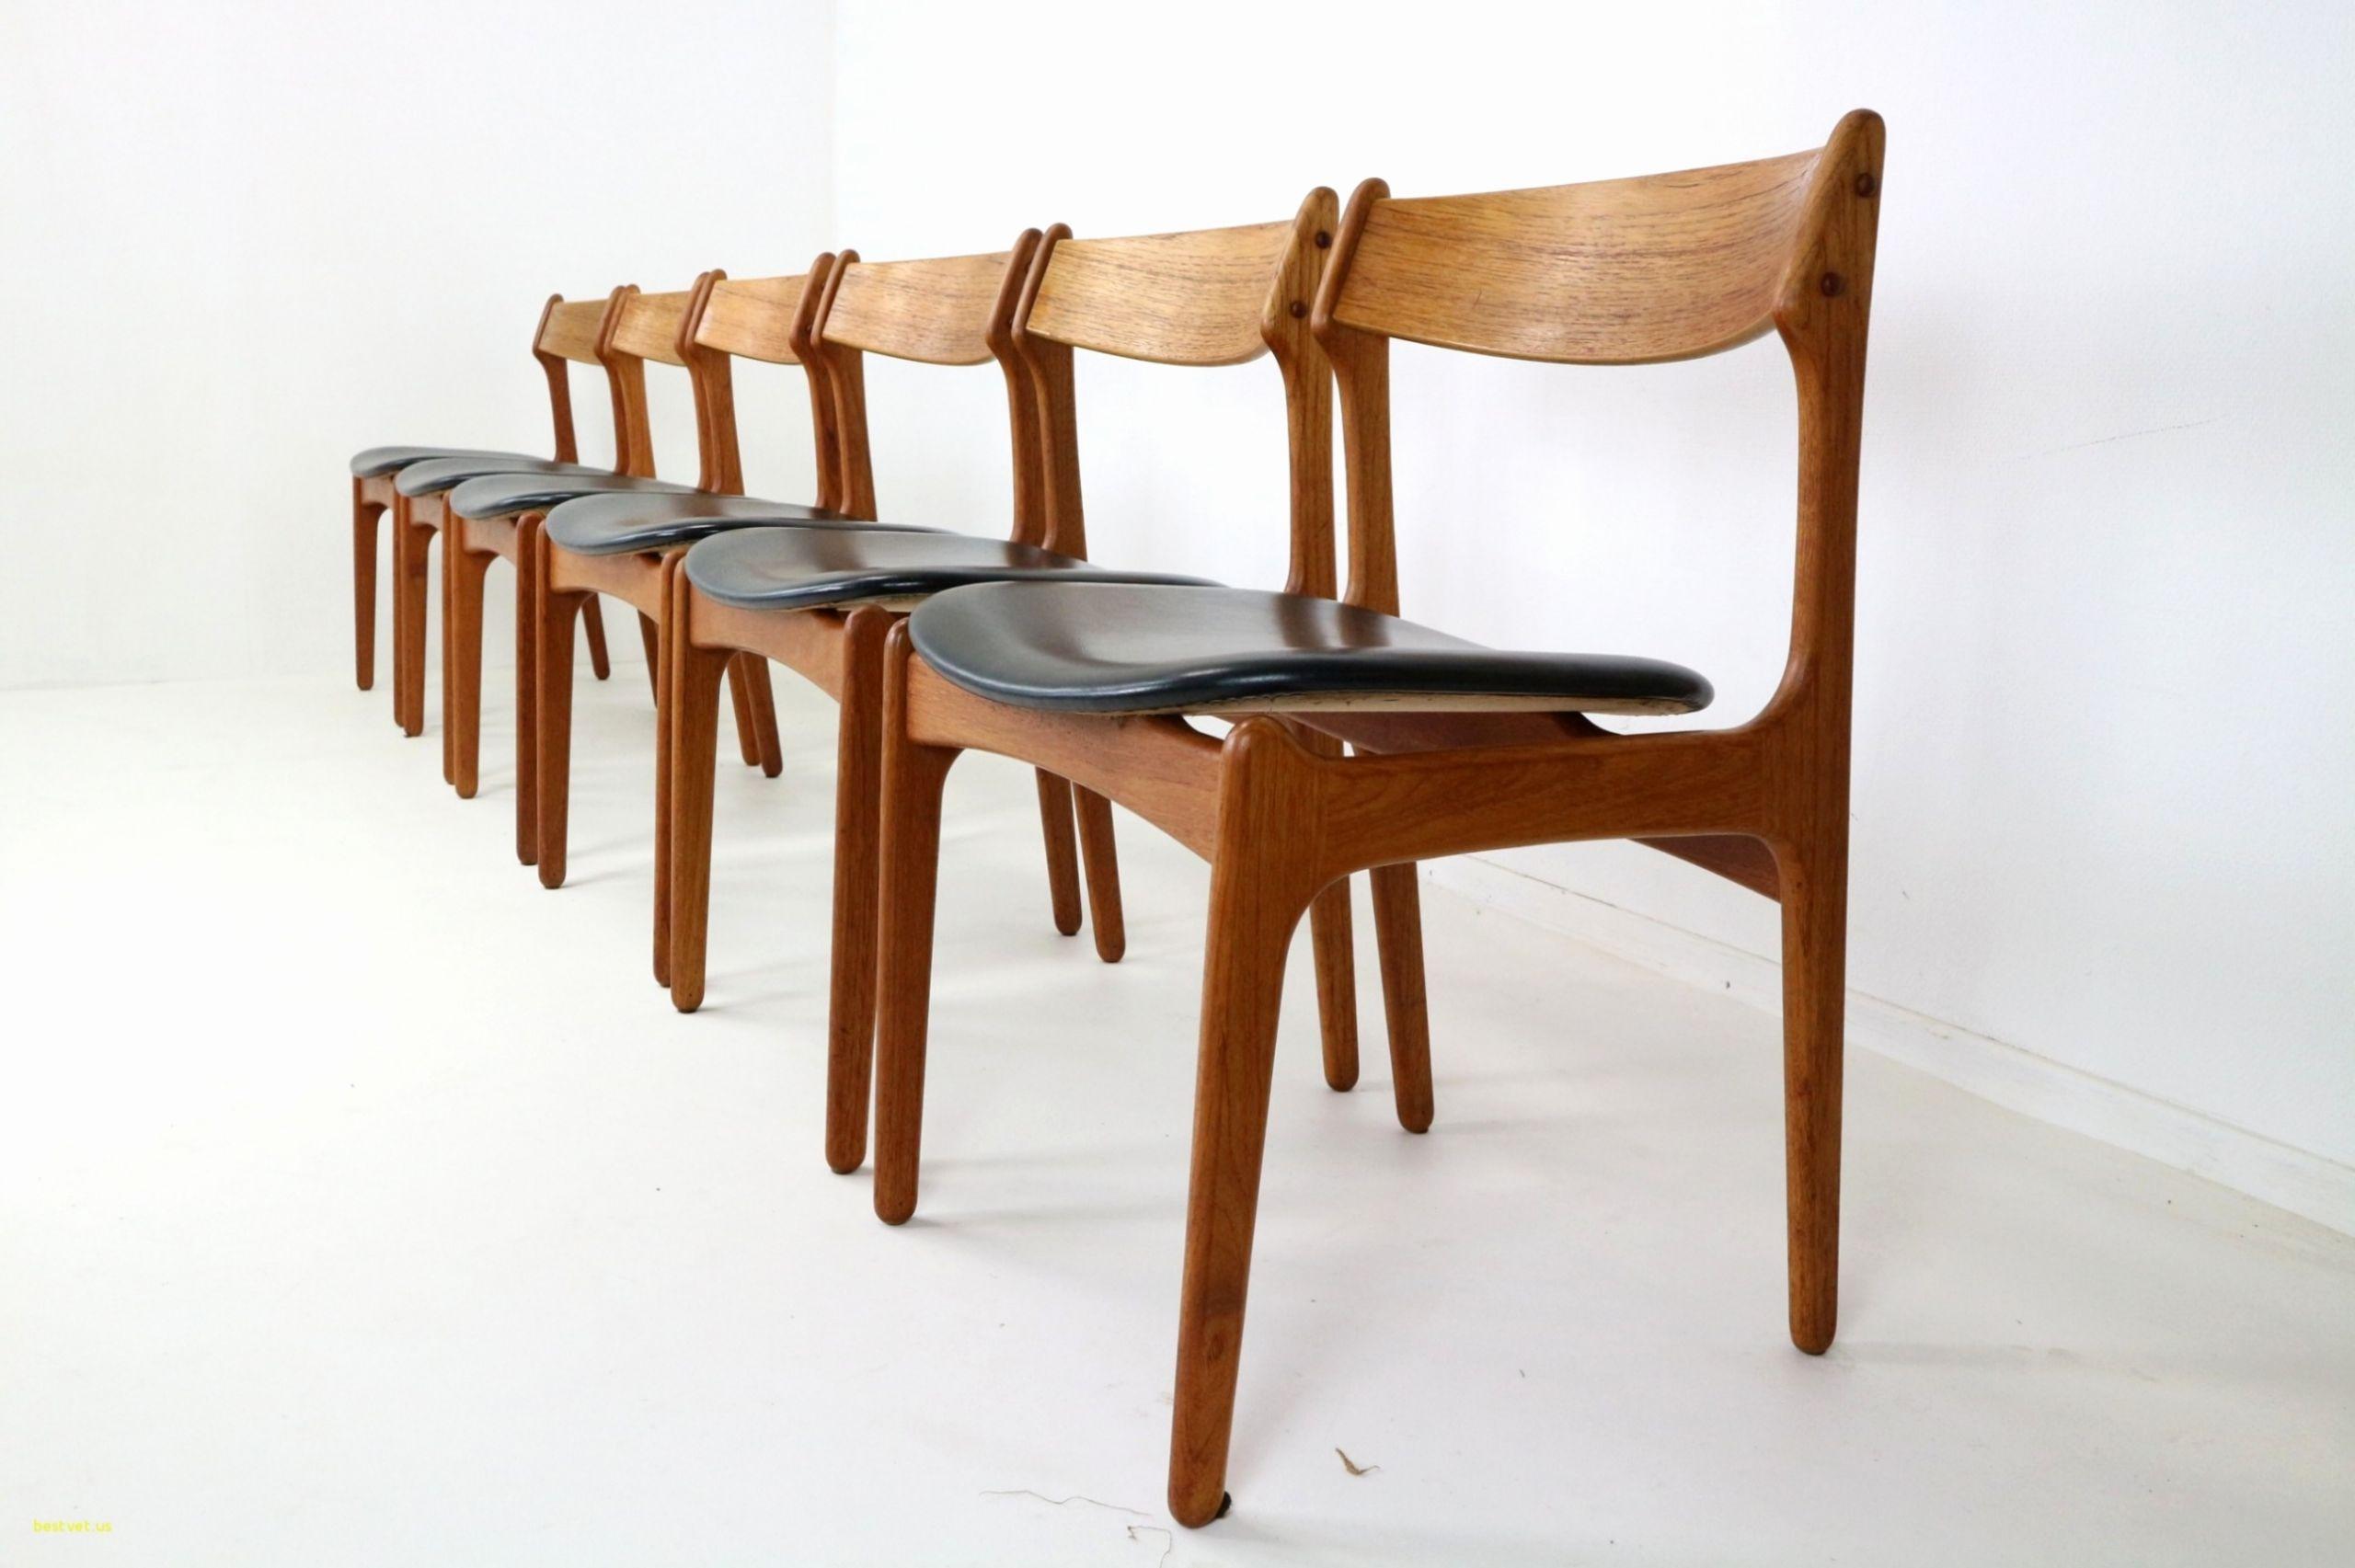 tapis de salle de bain en bois beau chaise de salle a manger en bois unique table bois 0d archives of tapis de salle de bain en bois